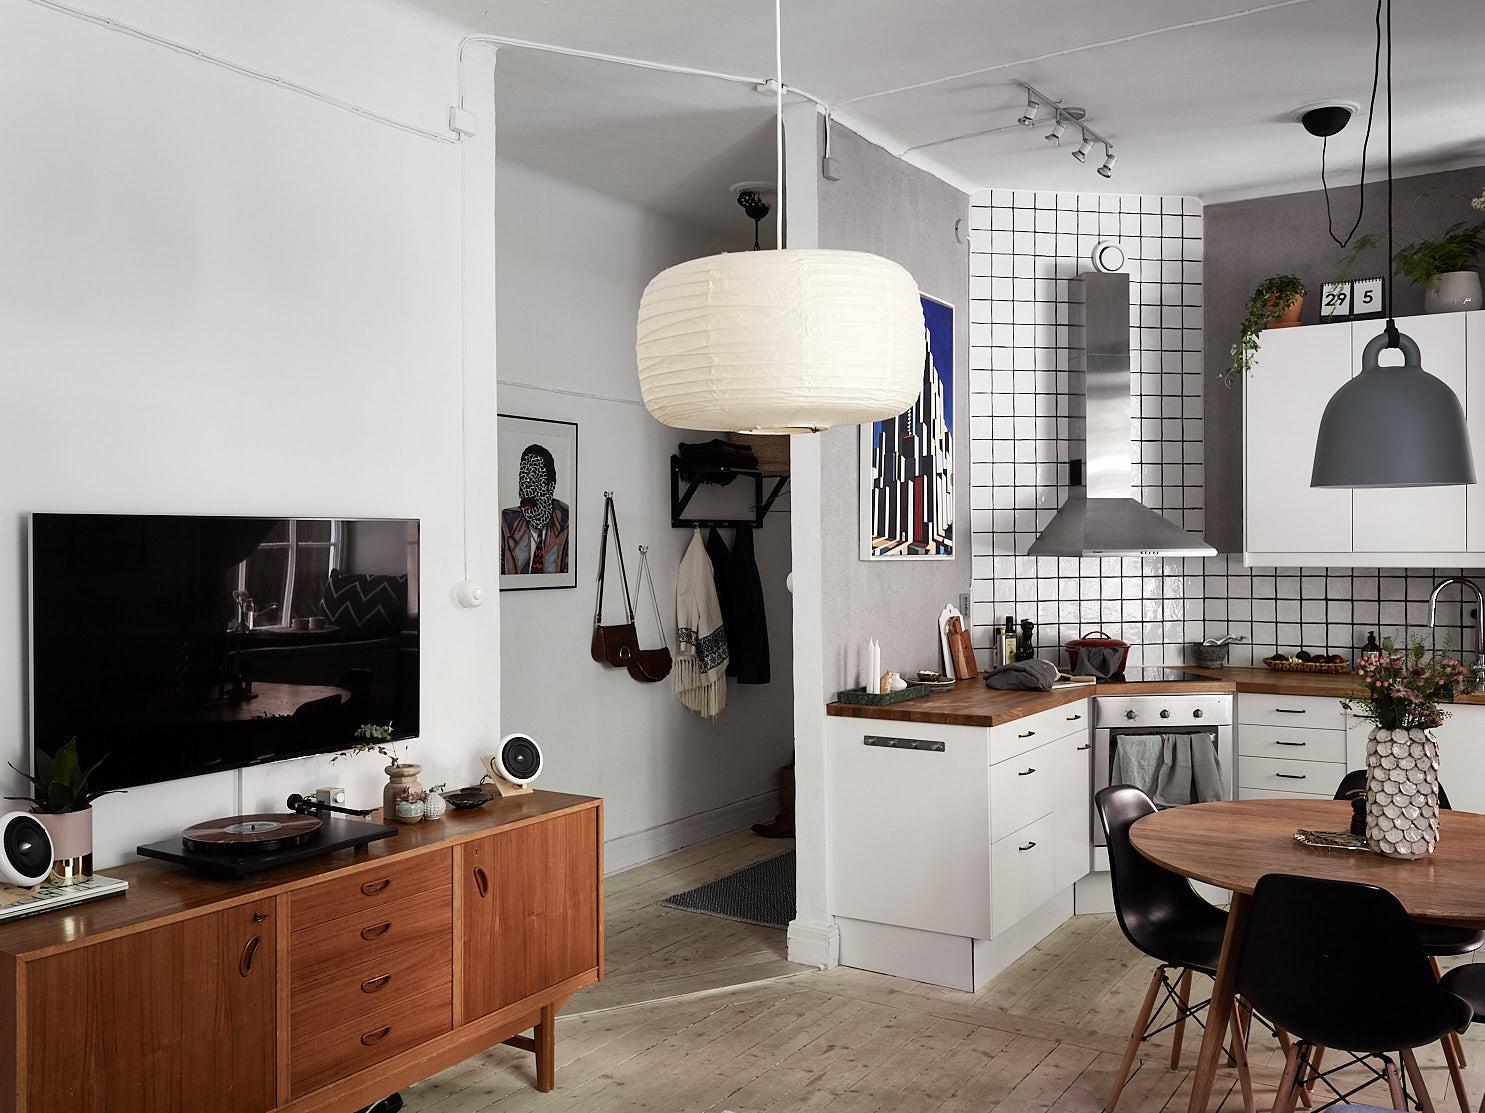 гостиная кухня комод телевизор прихожая коридор одежда